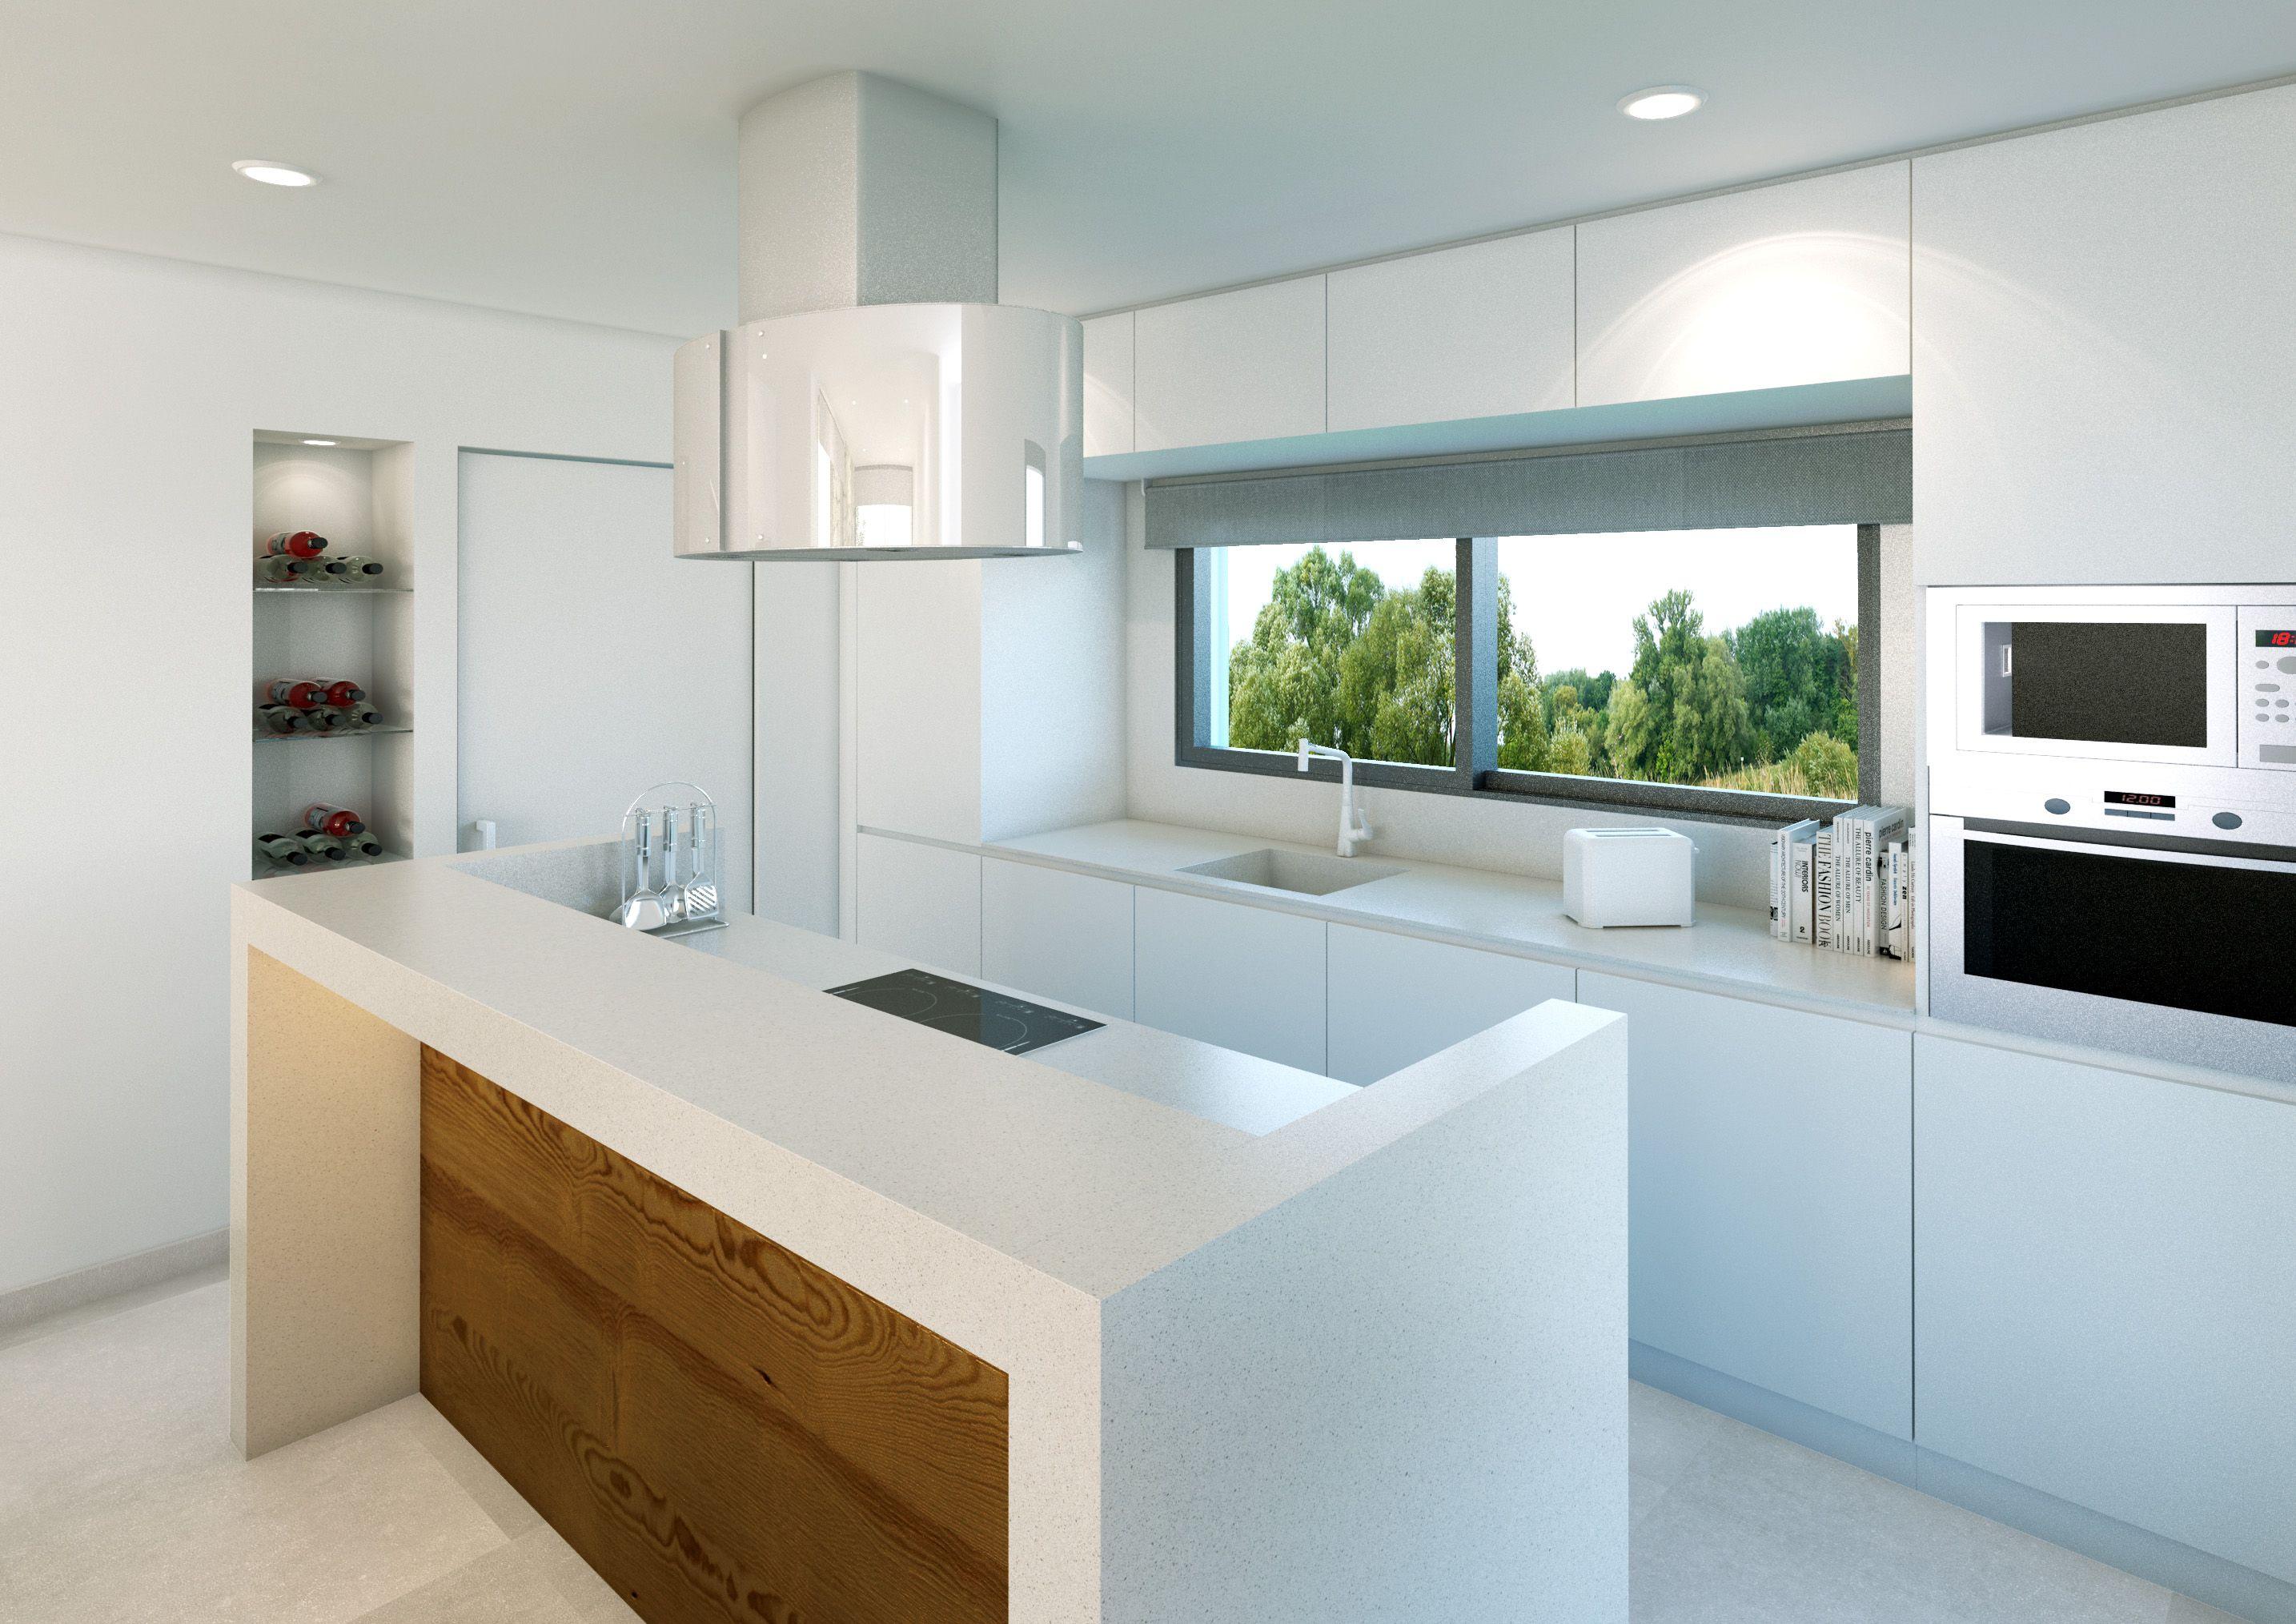 Vista interior cocina de las viviendas unifamiliares de diseño ...